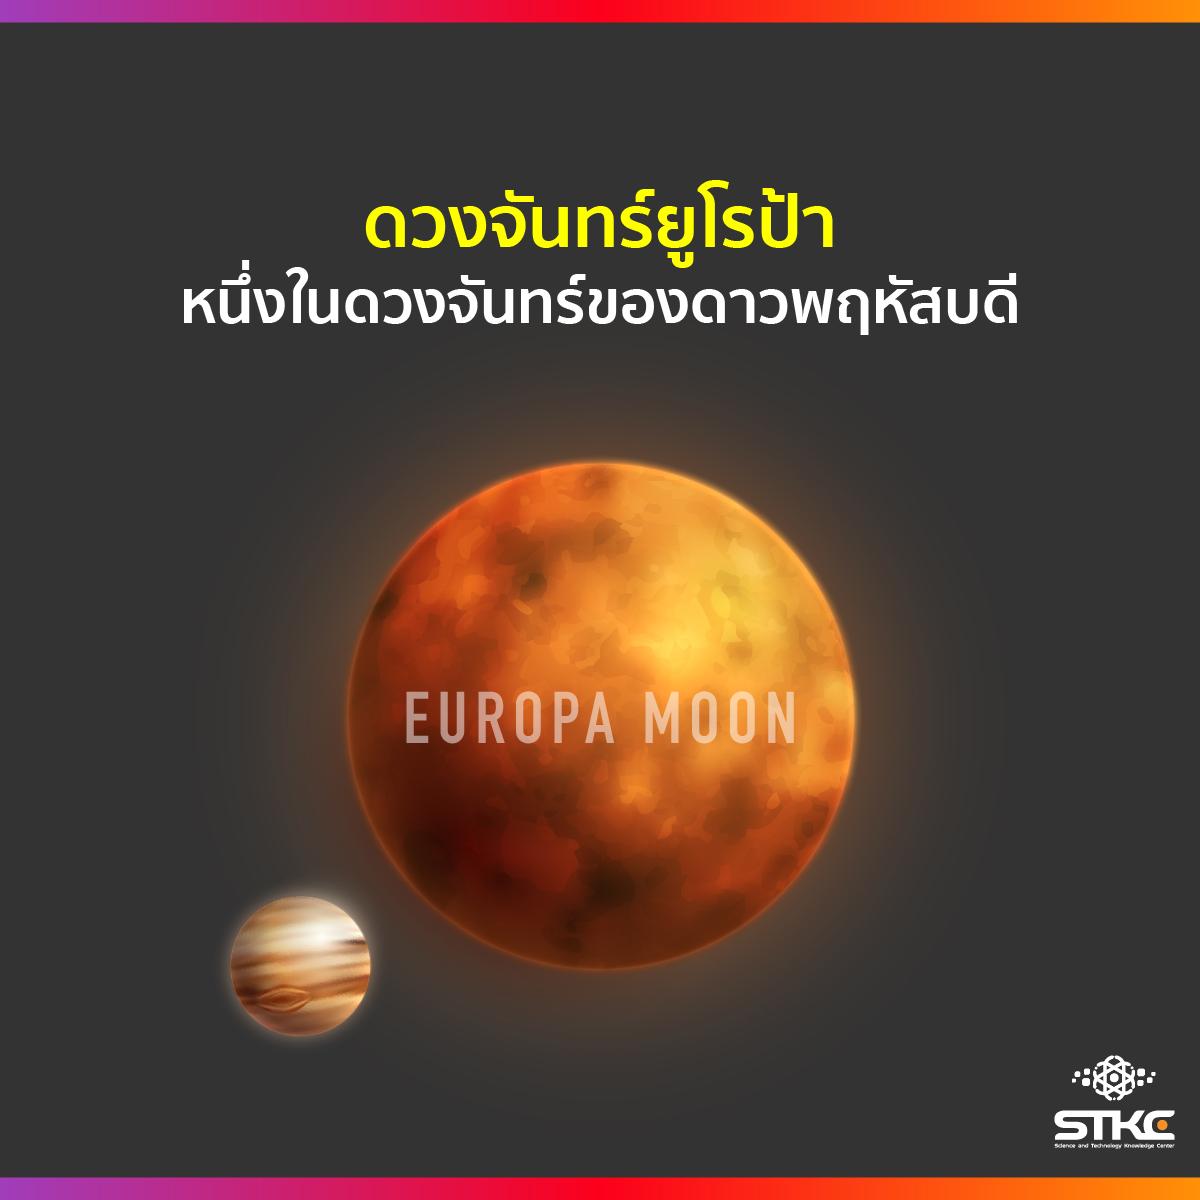 ดวงจันทร์ยูโรป้า Europa Moon